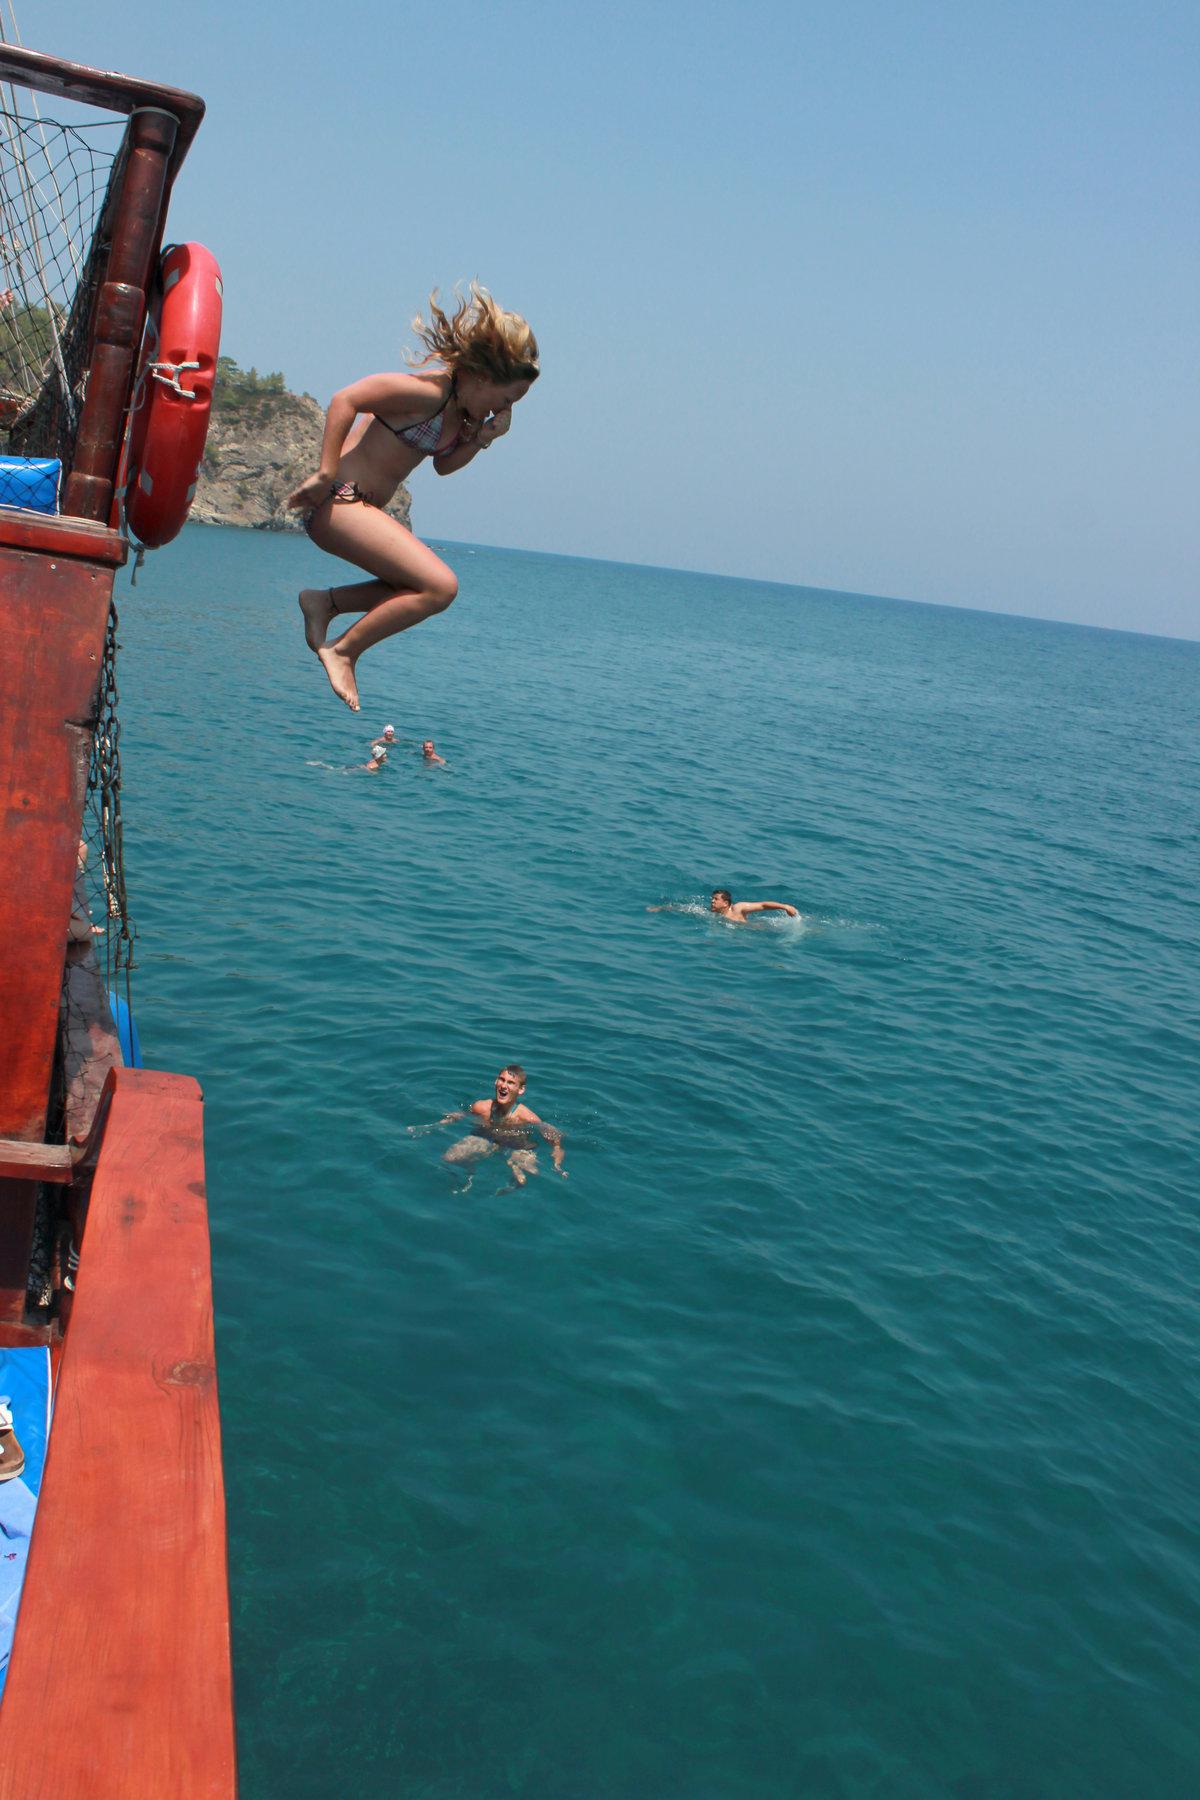 сонник прыжок в воду с корабля